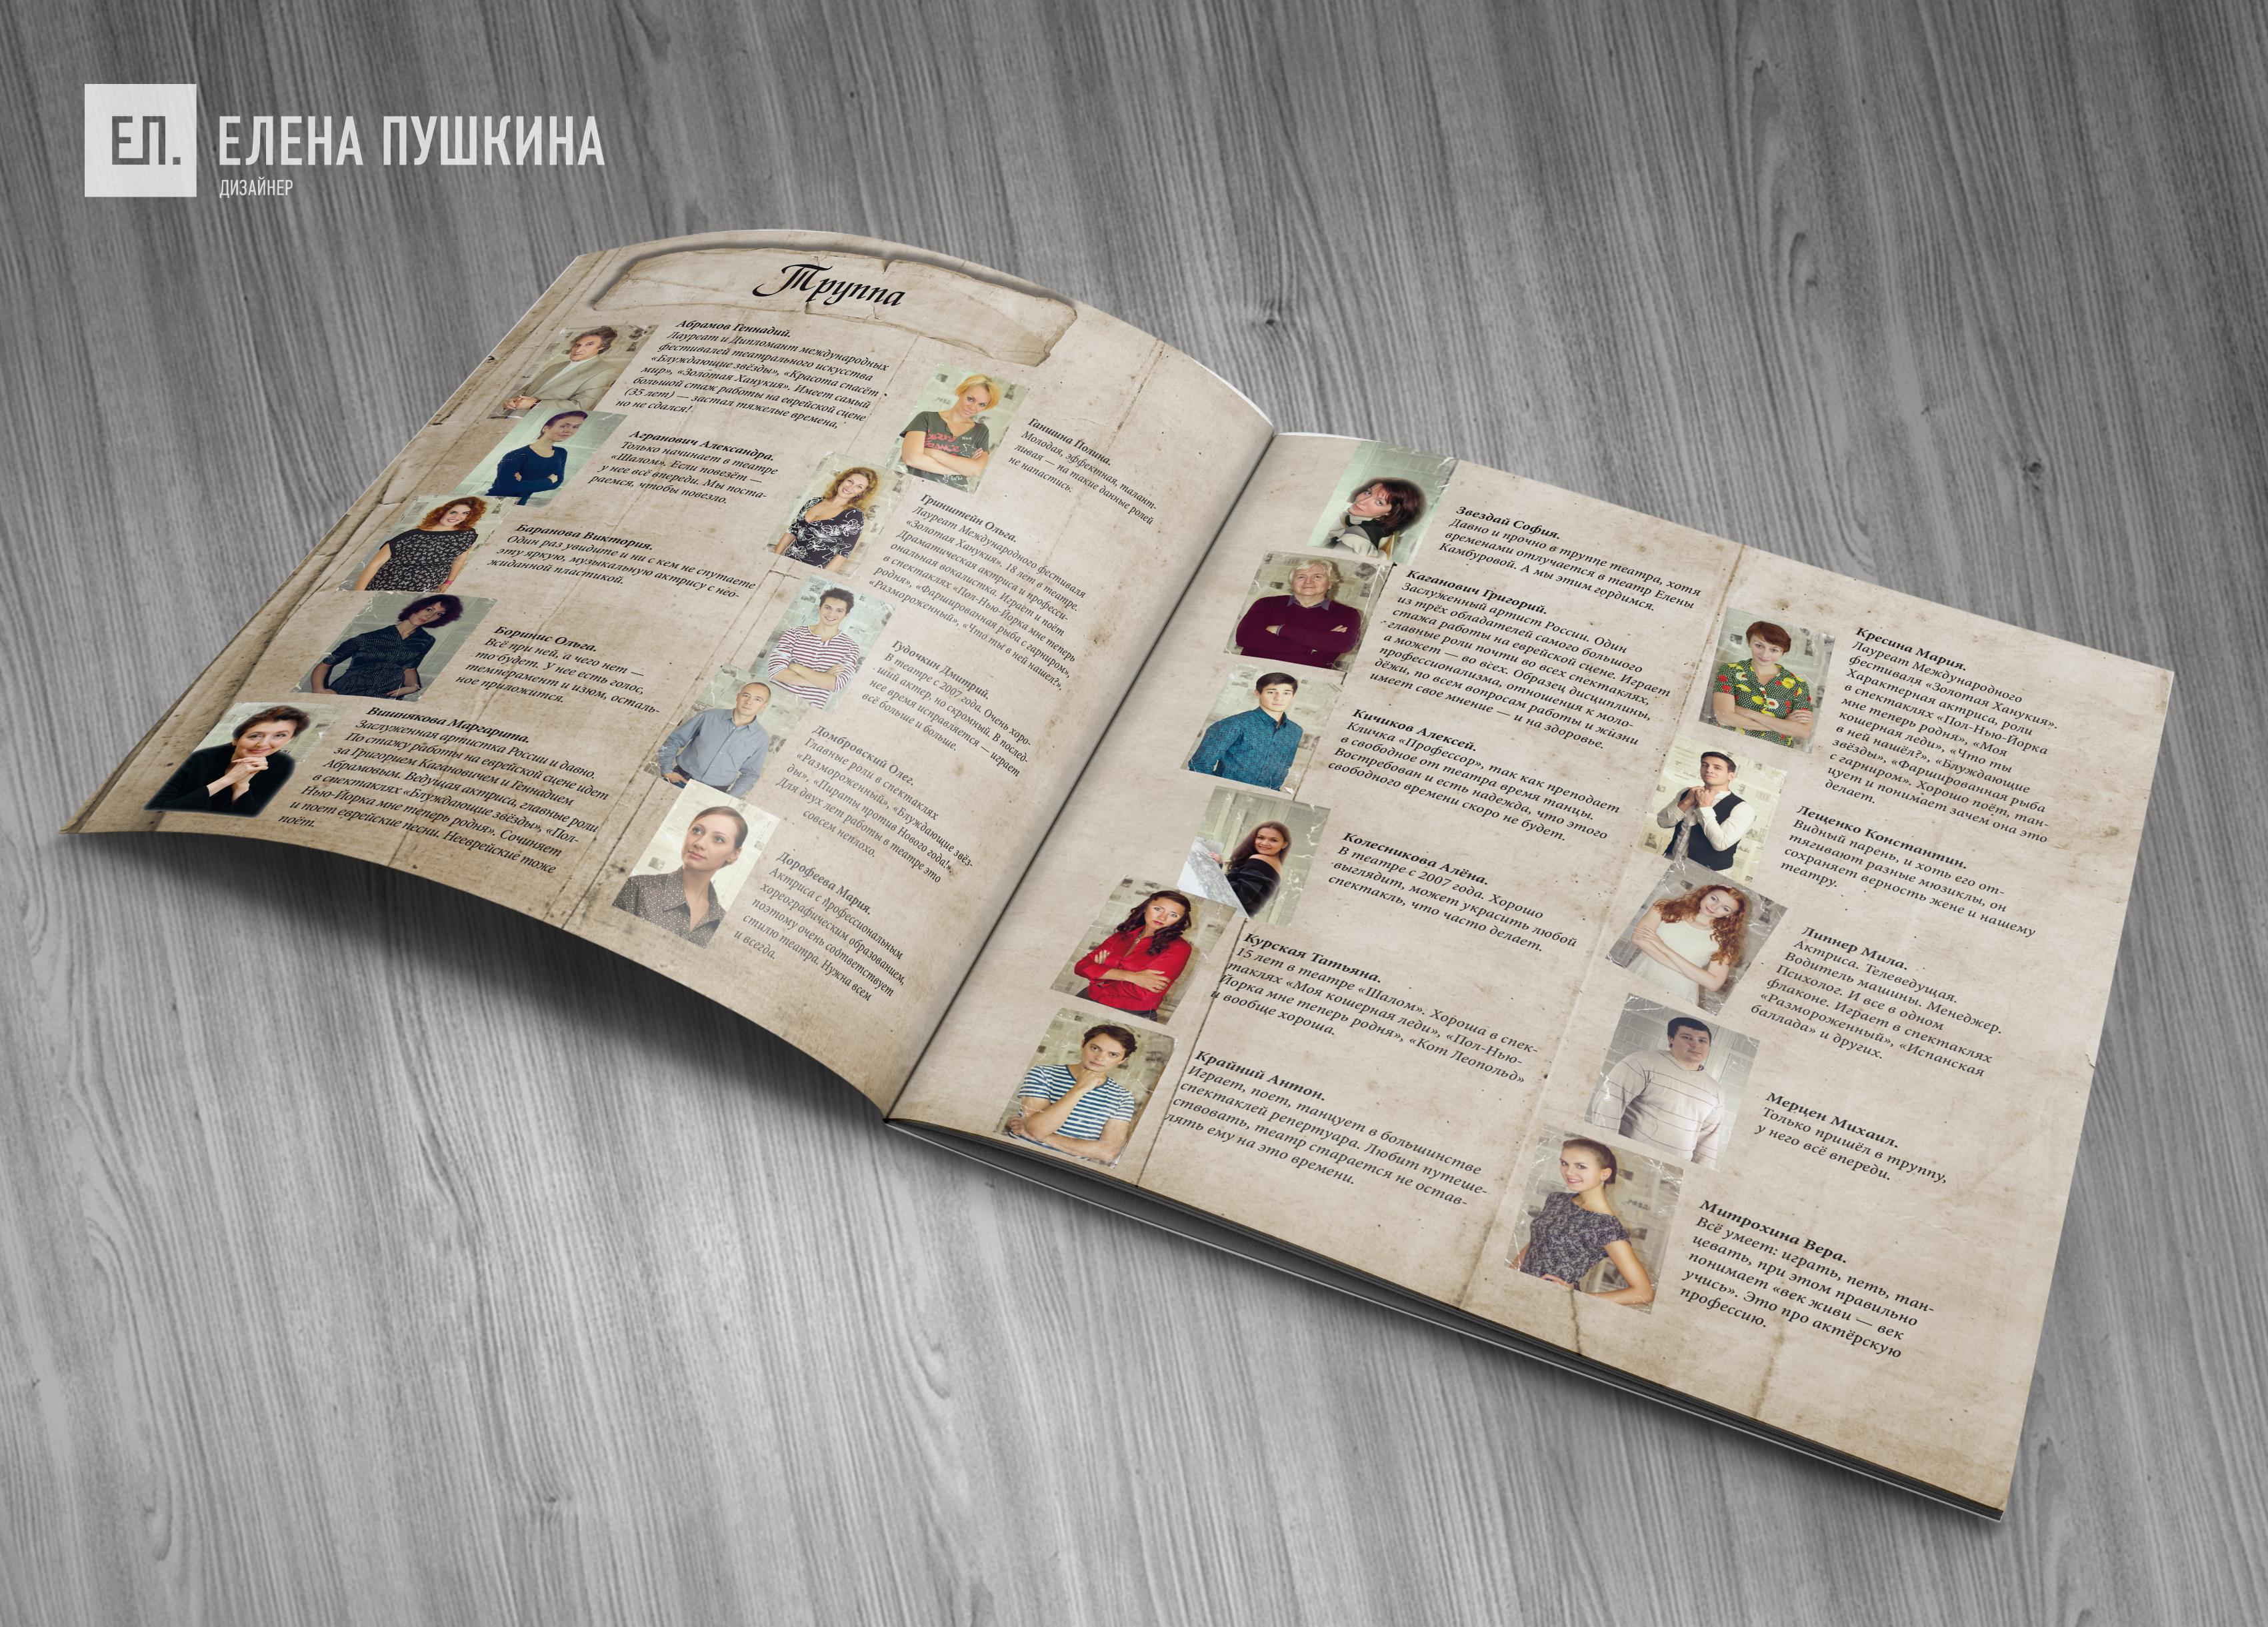 Юбилейный каталог Московского театра «Шалом»— дизайн с«нуля» обложки, макета ивёрстка каталога Дизайн каталогов Портфолио